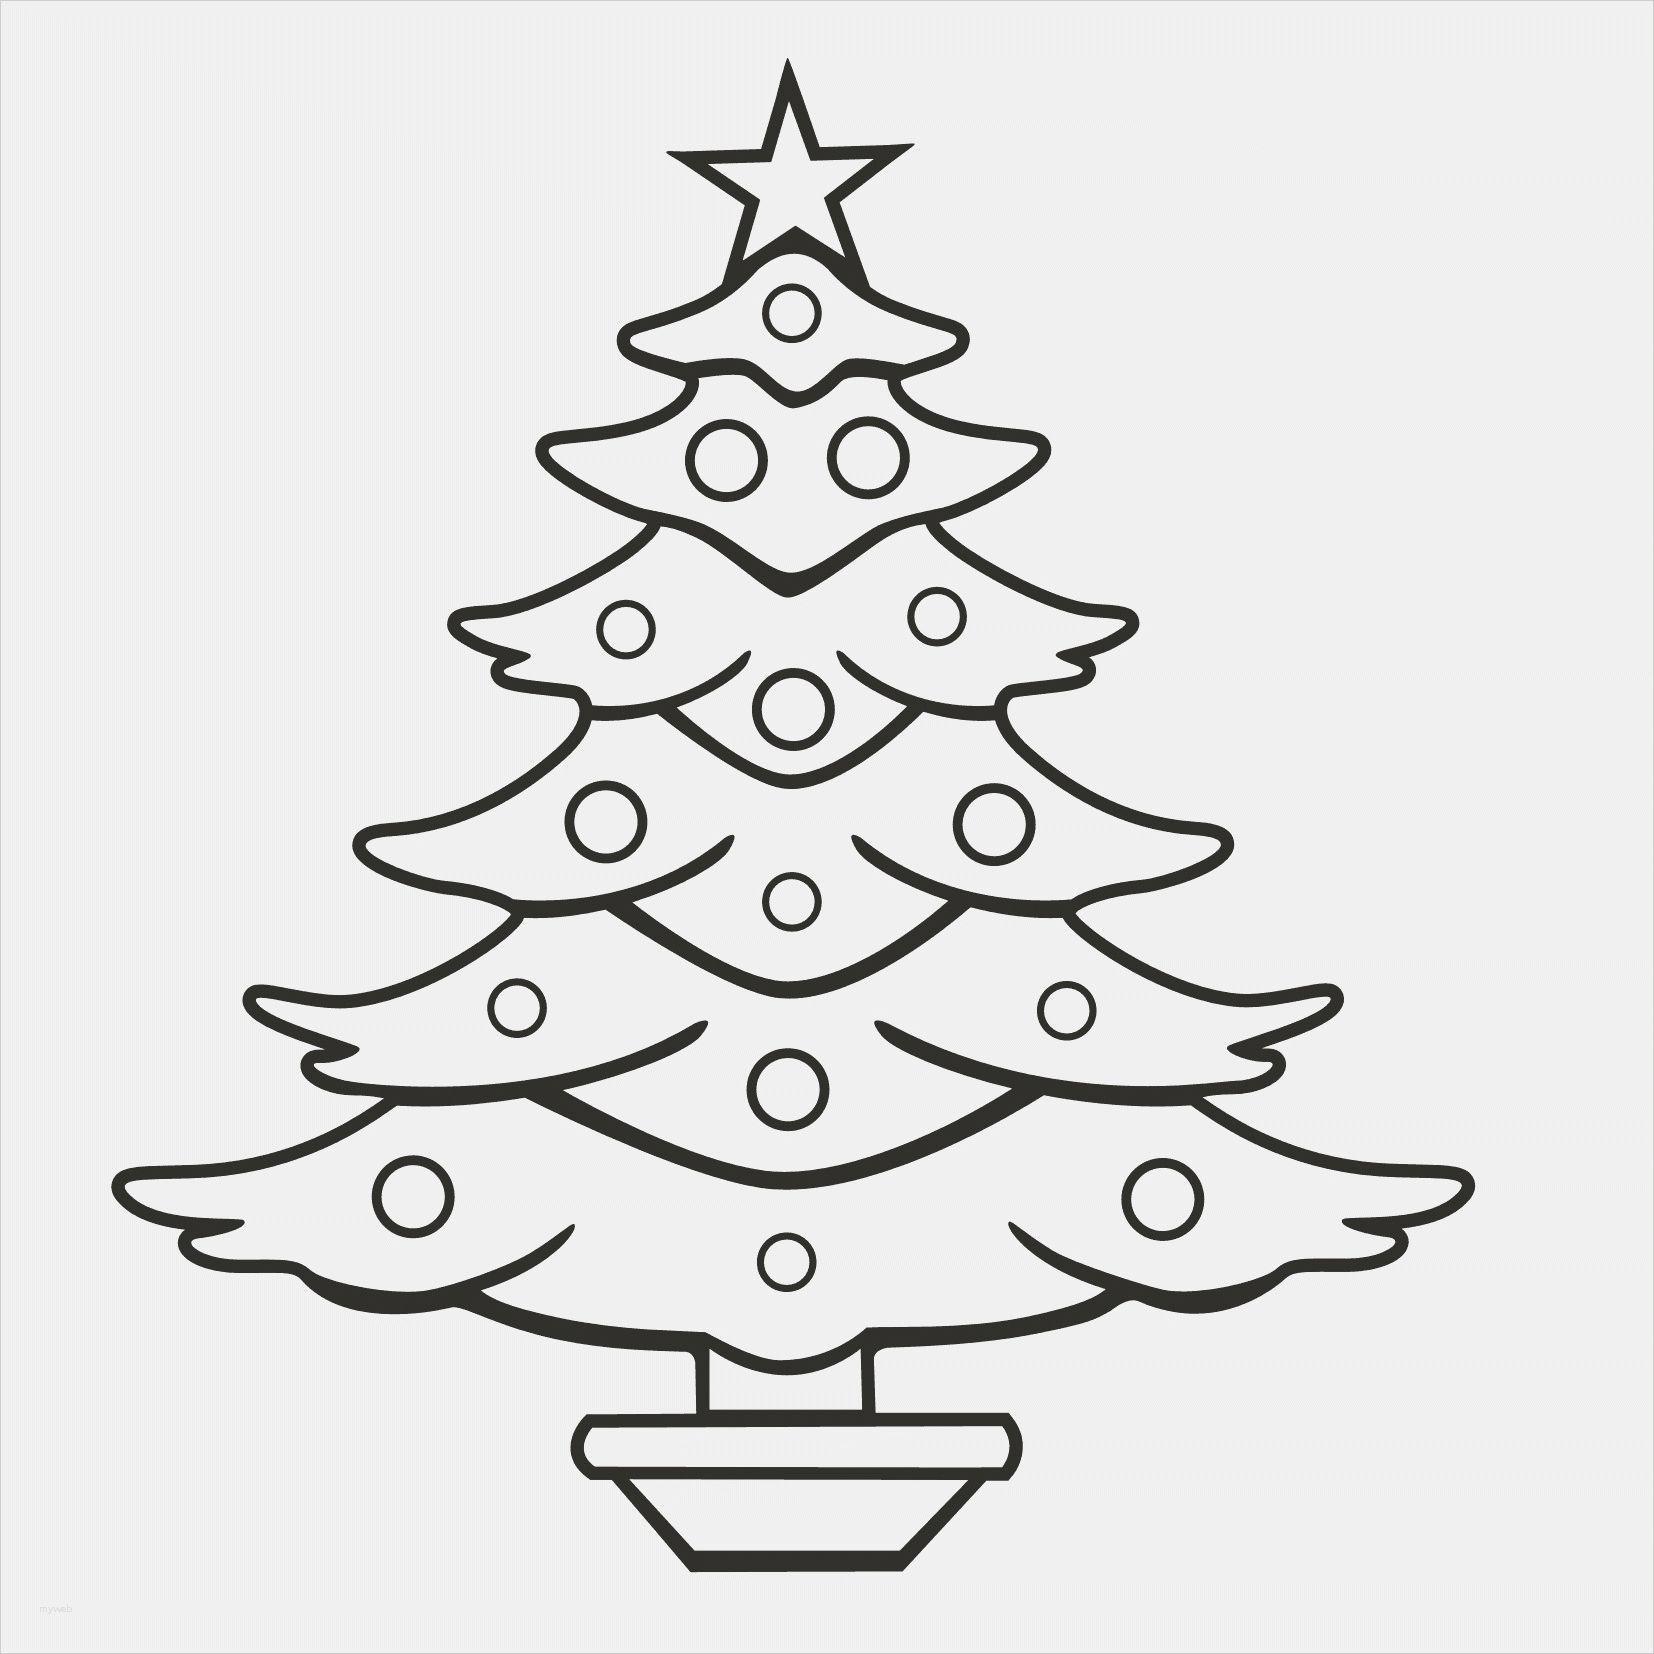 Einzigartig Weihnachtsbaum Basteln Vorlage In 2020 bei Vorlage Tannenbaum Basteln